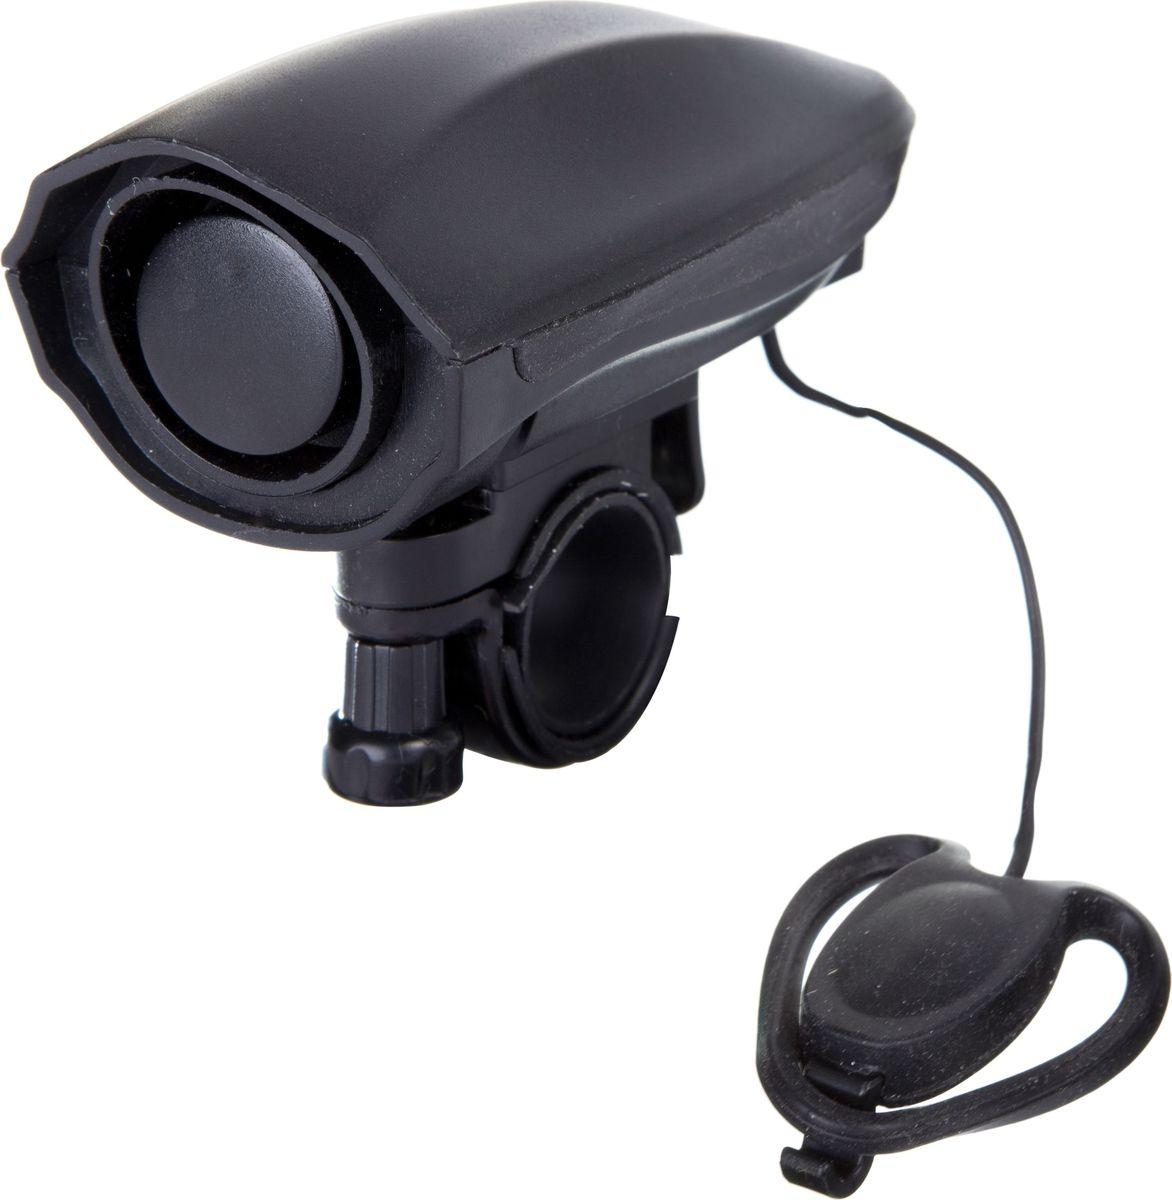 Звонок велосипедный STG JY575J, электронный, 2 звука, мощность 120 ДБХ81882Электронный звонок STG JY575J, выполненный из пластика и металла, предупредит пешеходов и других велосипедистов о вашем приближении, а также обеспечит безопасность вашего движения. Звонок предназначен для крепления на руль. Он имеет 2 звука: пищание и пение птиц.Мощность: 120 ДБ. В качестве элемента питания используются 3 батарейки типа ААА.